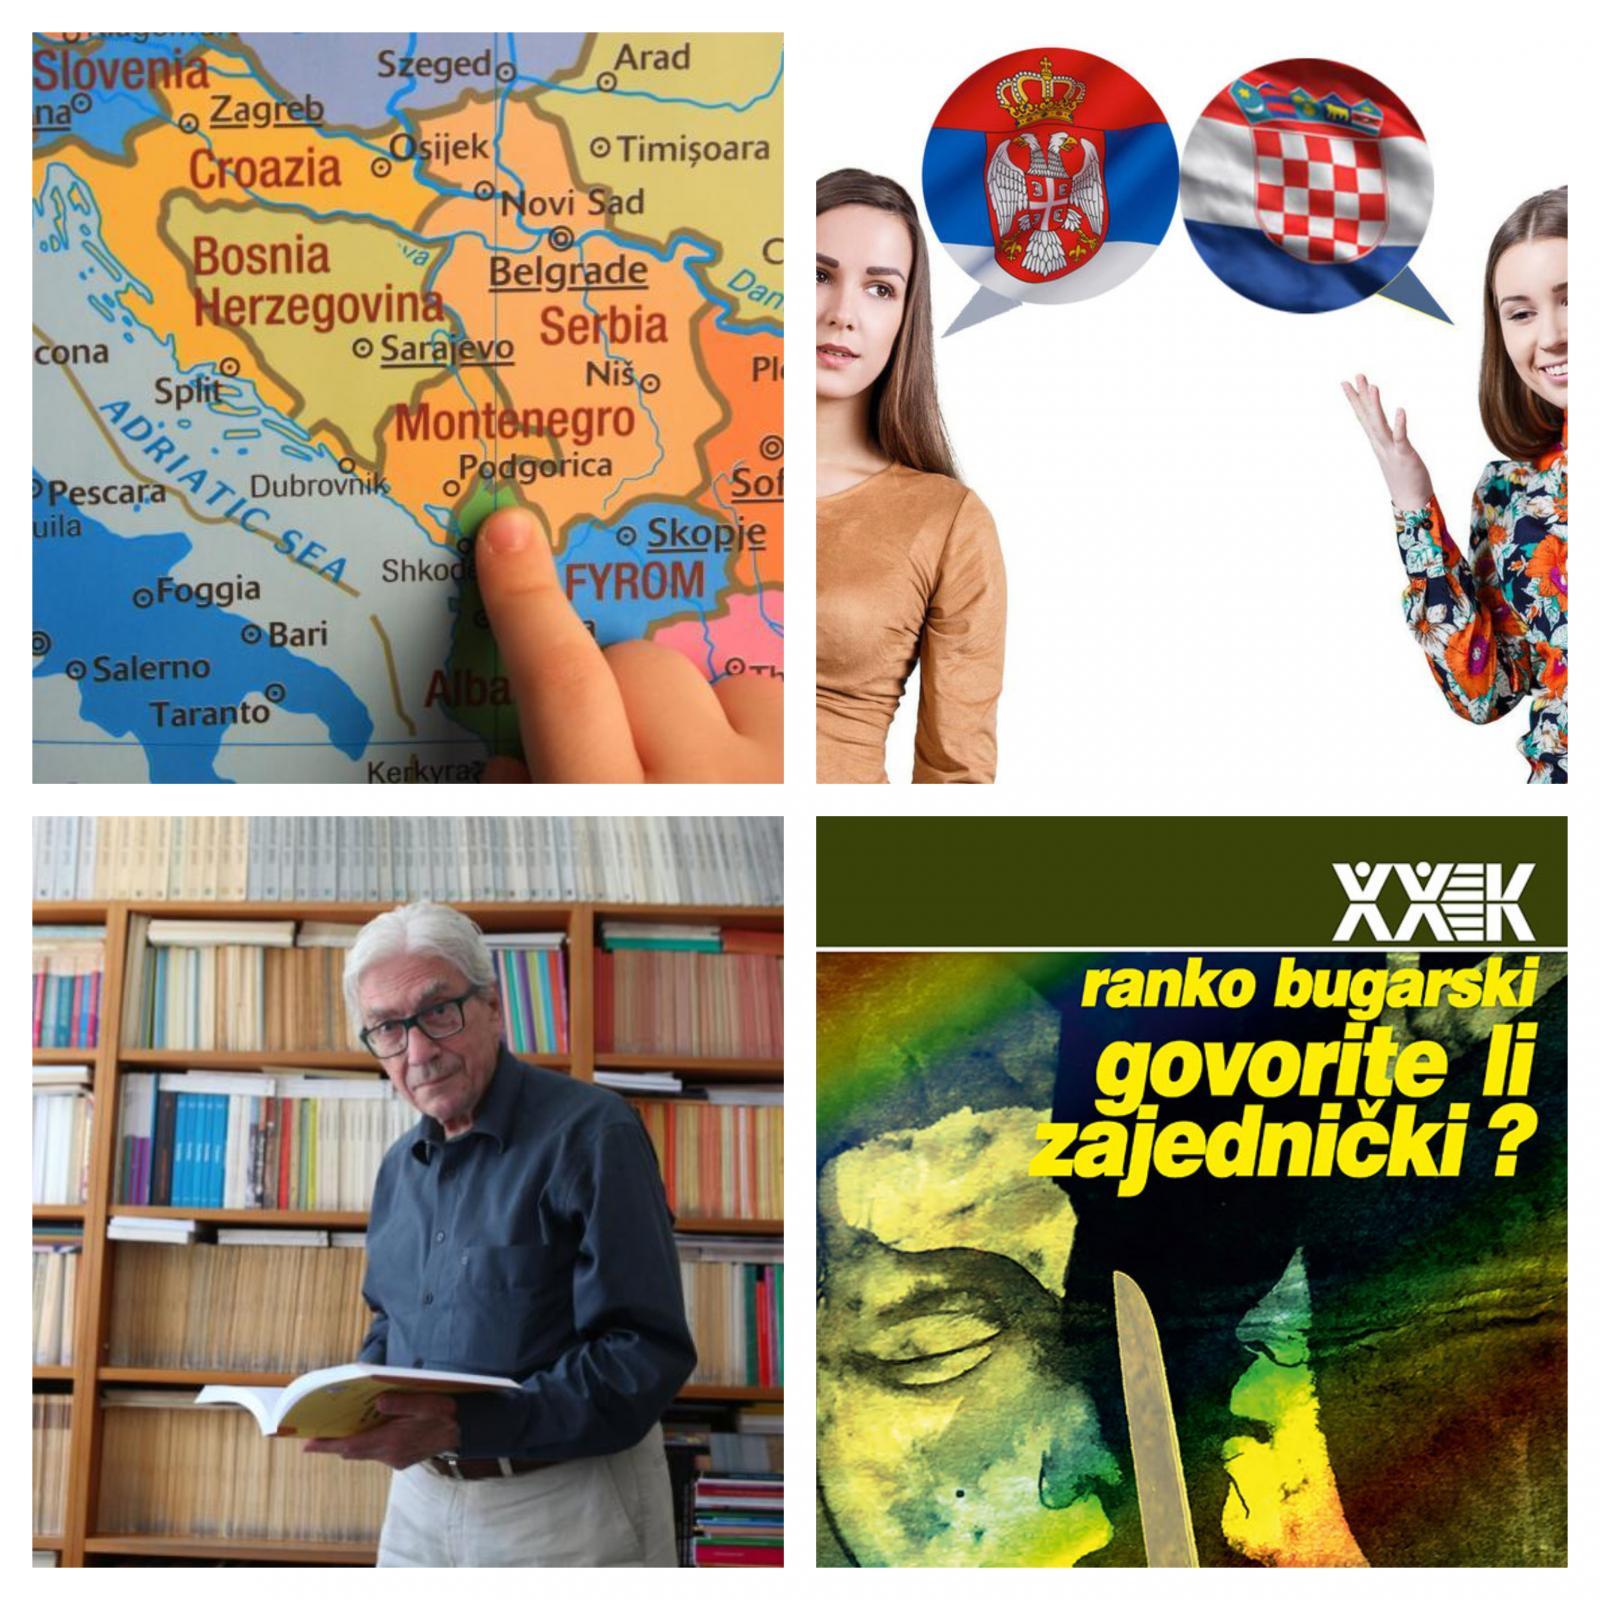 Skupni jezik 4 držav ex-Yu in Rajko Bugarski